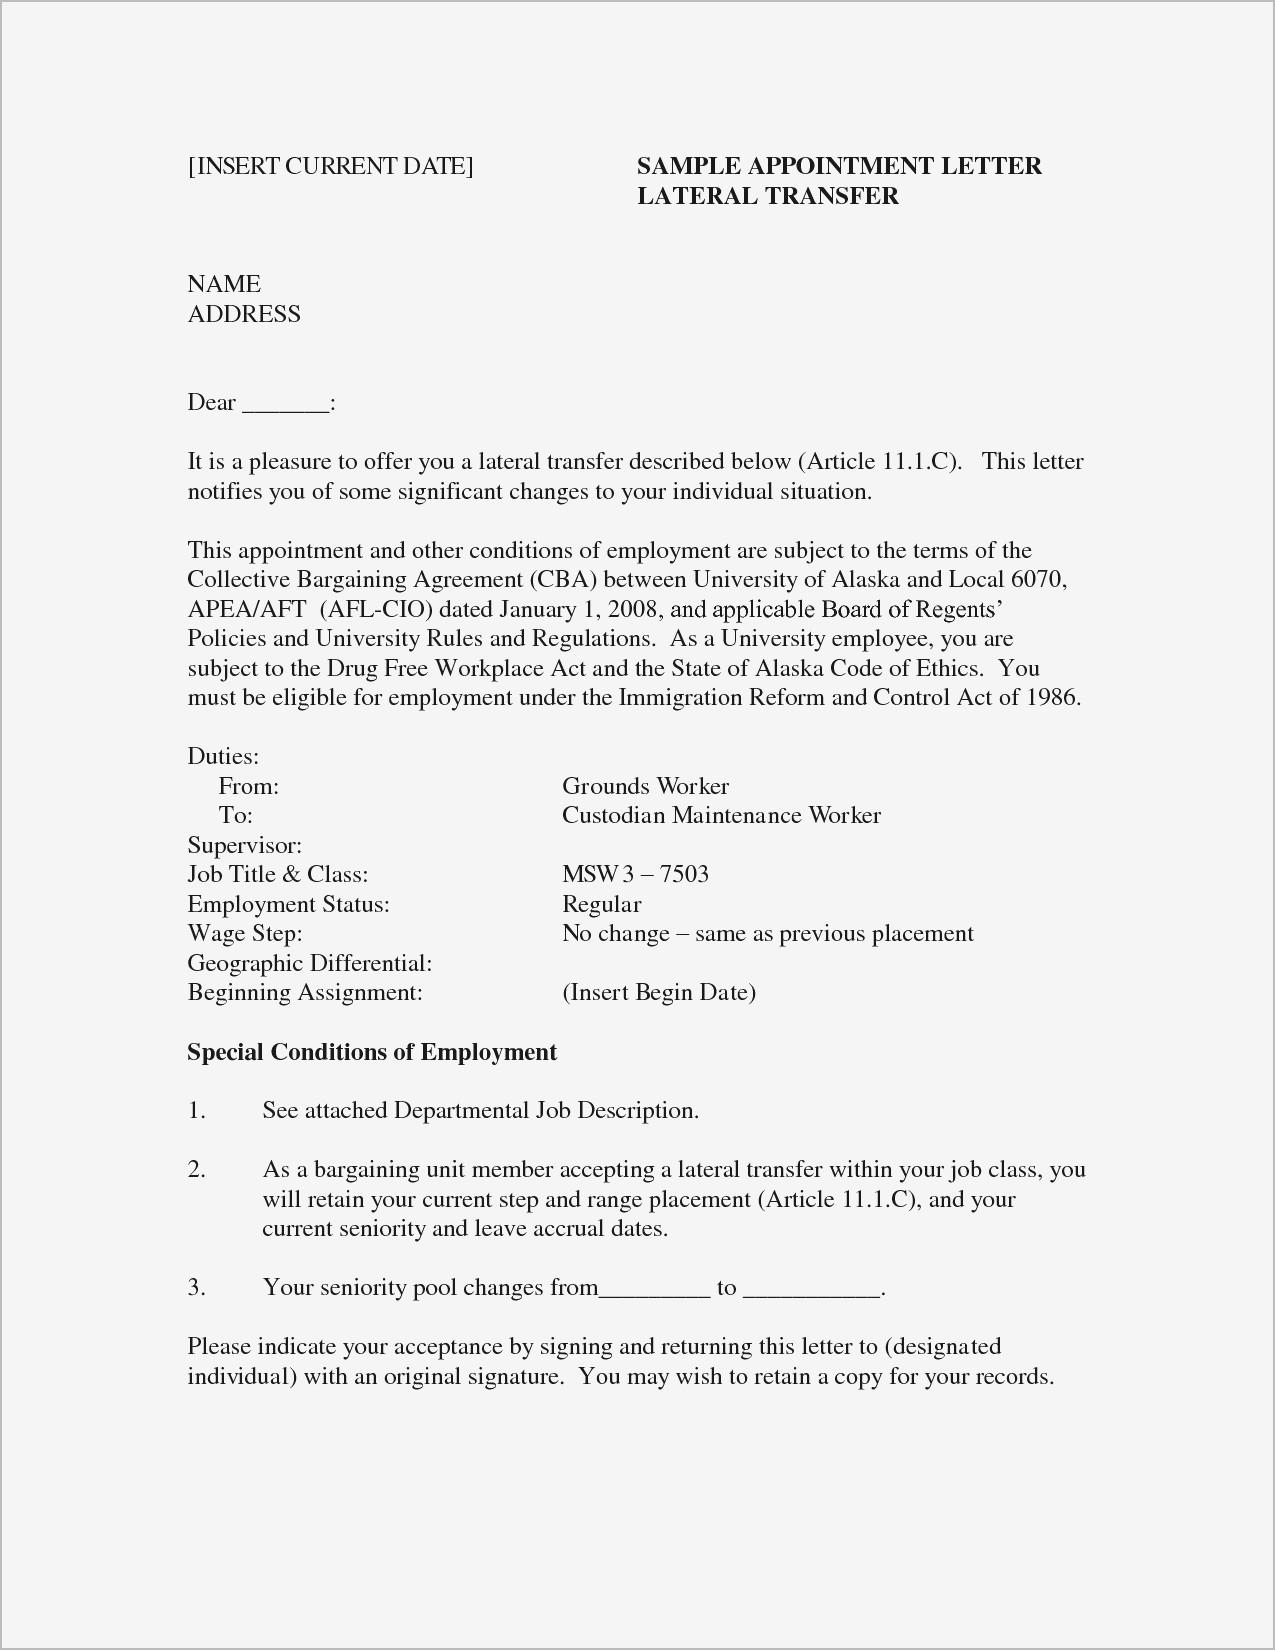 Formal Offer Letter Template - formal Fer Letter Inspirational Job Fer Letter Template Us Copy Od